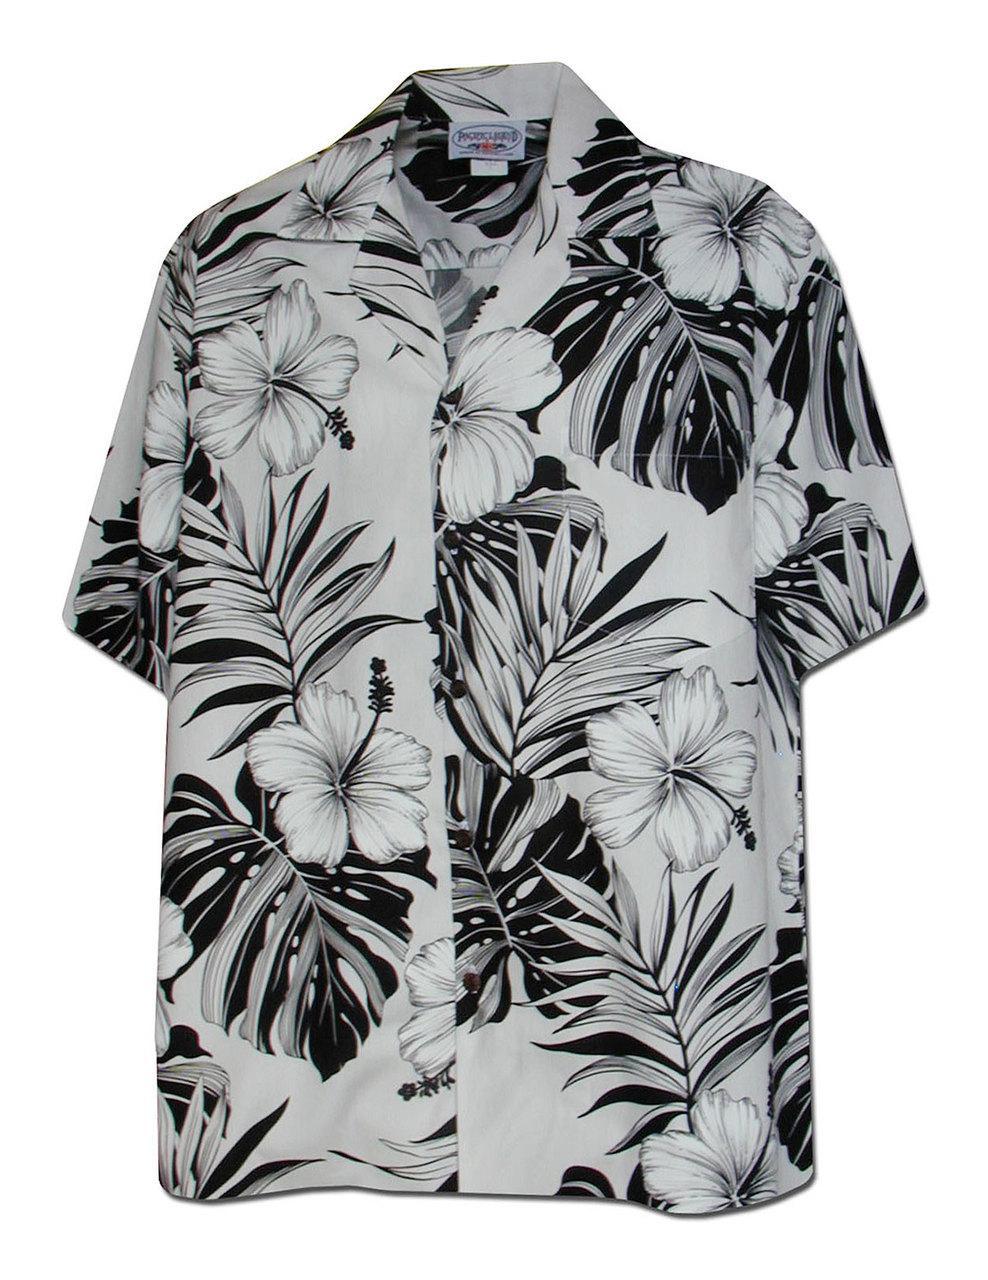 86c5a5384 Рубашка гавайка Pacific Legend 410-3589 White